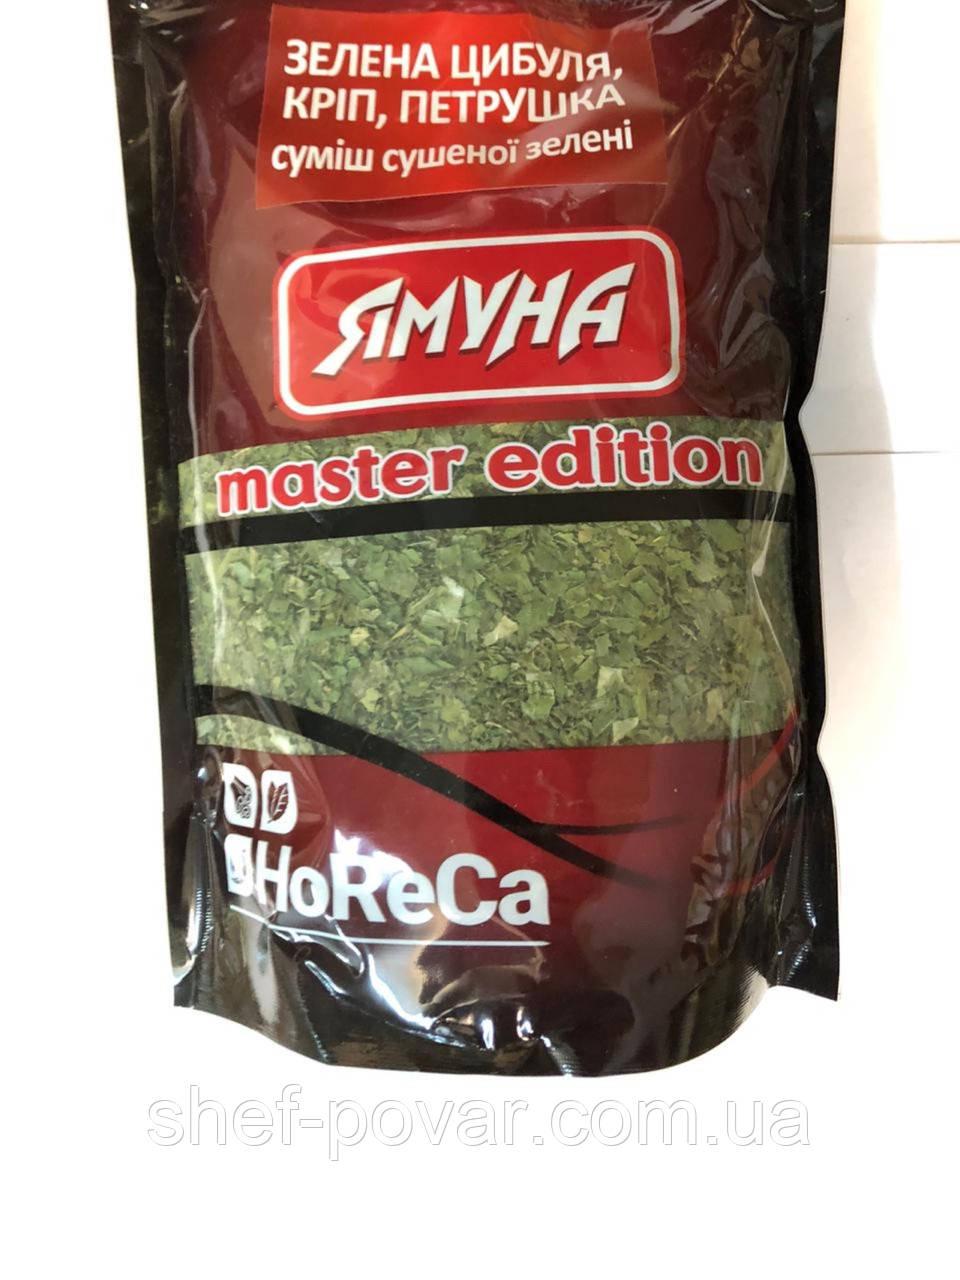 Зеленый лук, укроп, петрушка (сушеные) 300гр HoReCa ТМ «Ямуна»